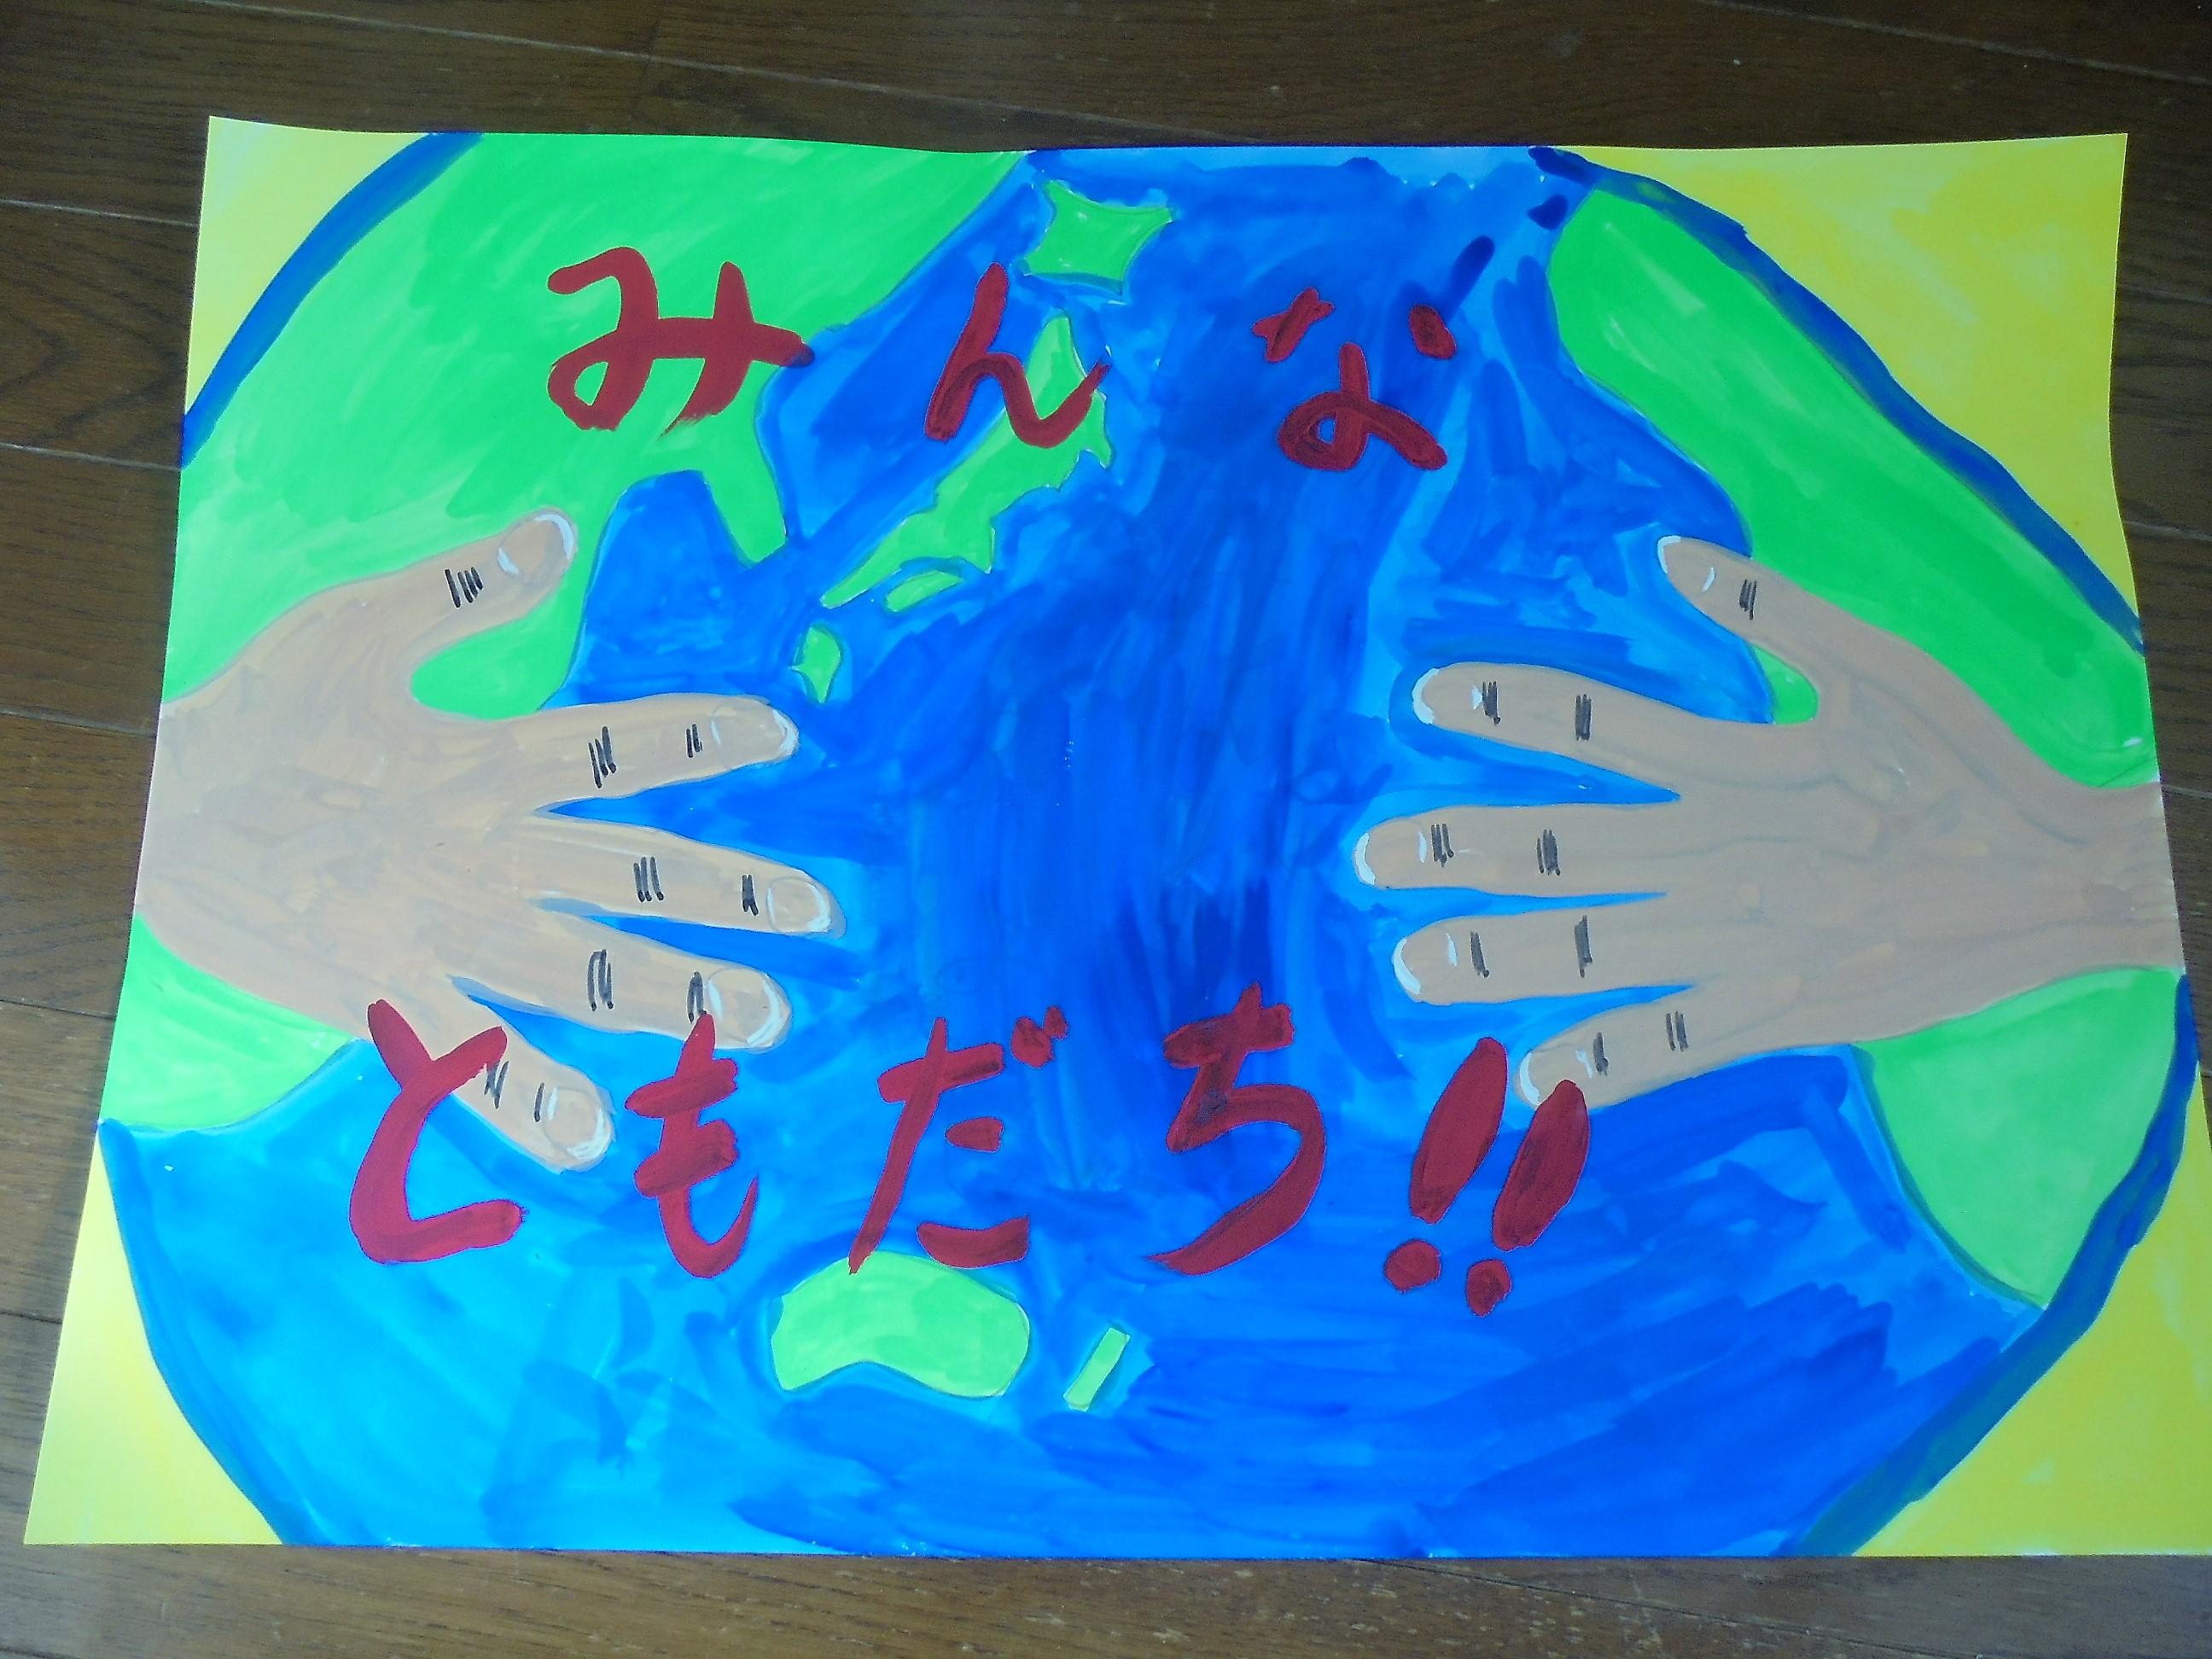 人権 ポスター 簡単 『人権ポスター』- 小学生・中学生の作品づくりの心構え